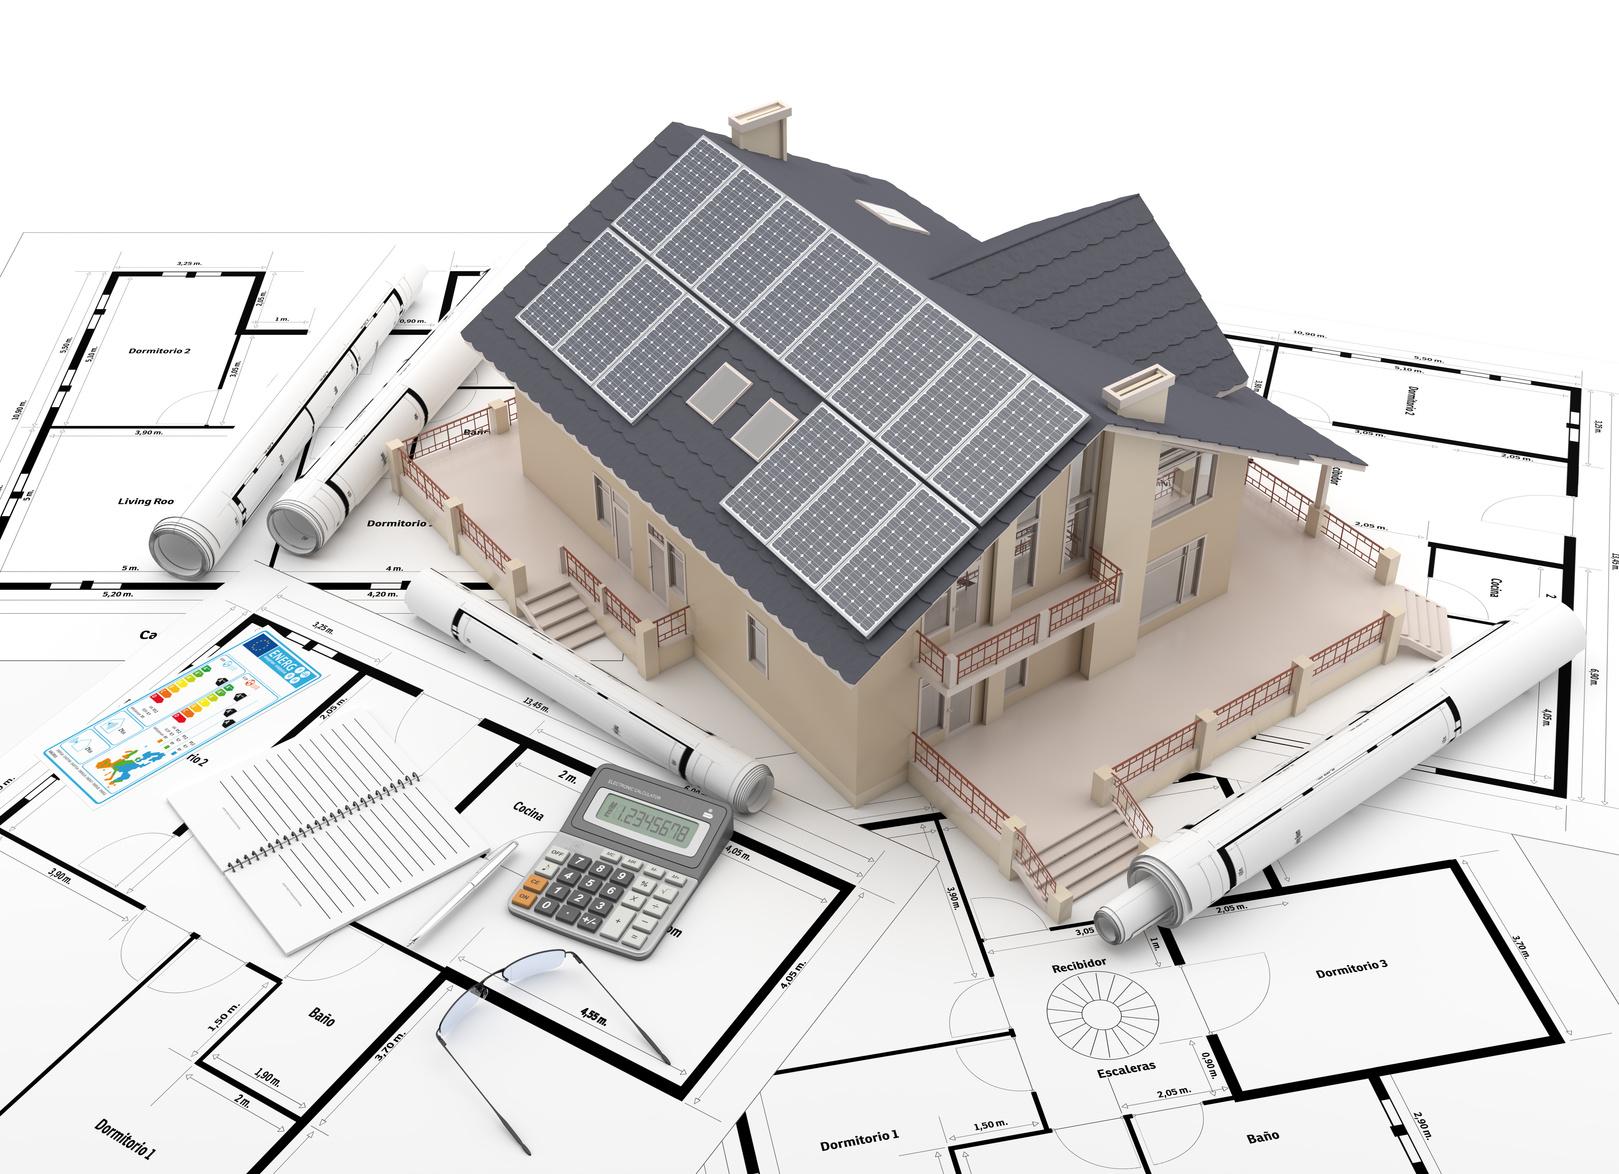 Impianti per la casa idraulici elettrici fotovoltaici - Impianti sicurezza casa ...